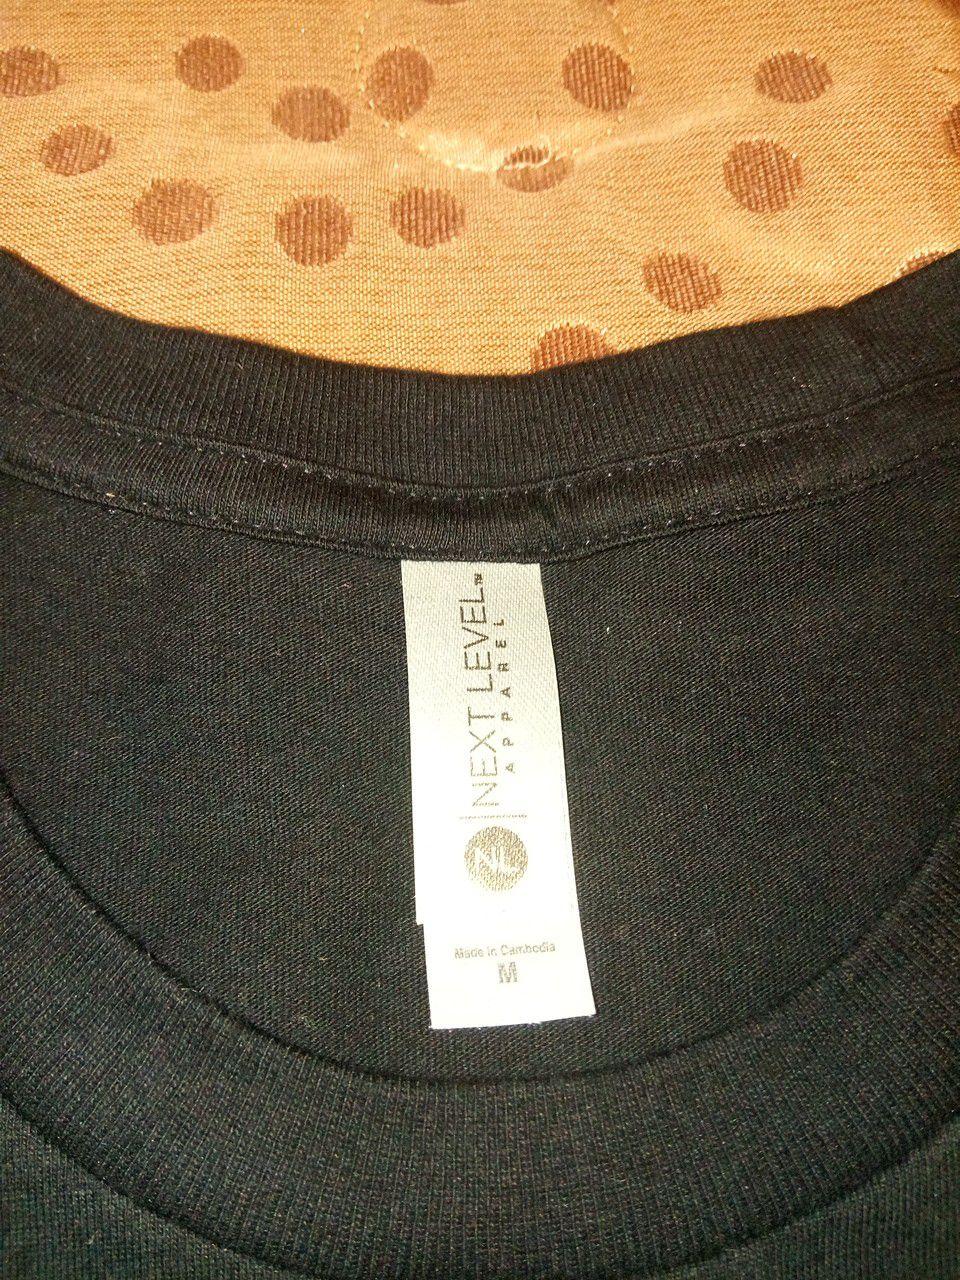 Brand new Keen utility boot brand shirt